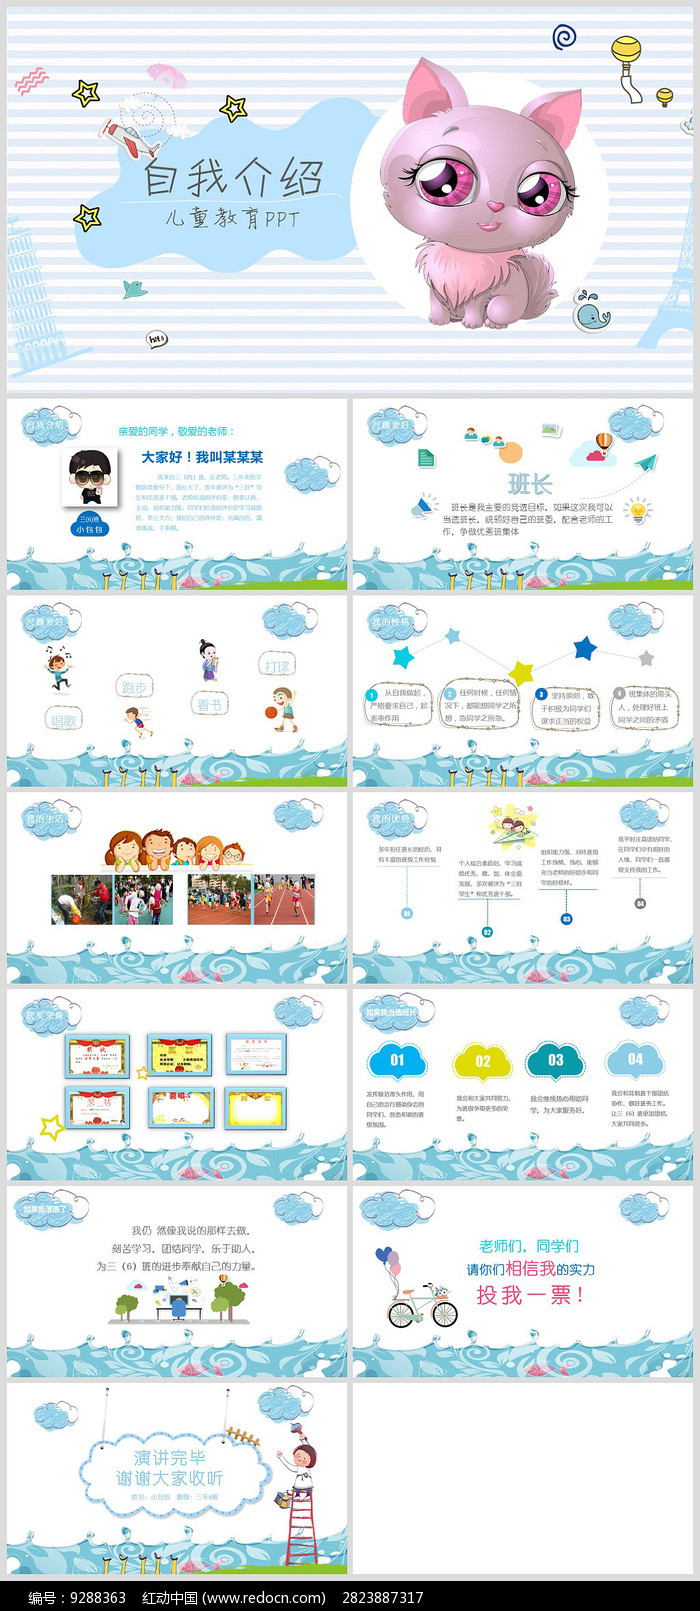 蓝色卡通教育自我介绍PPT图片